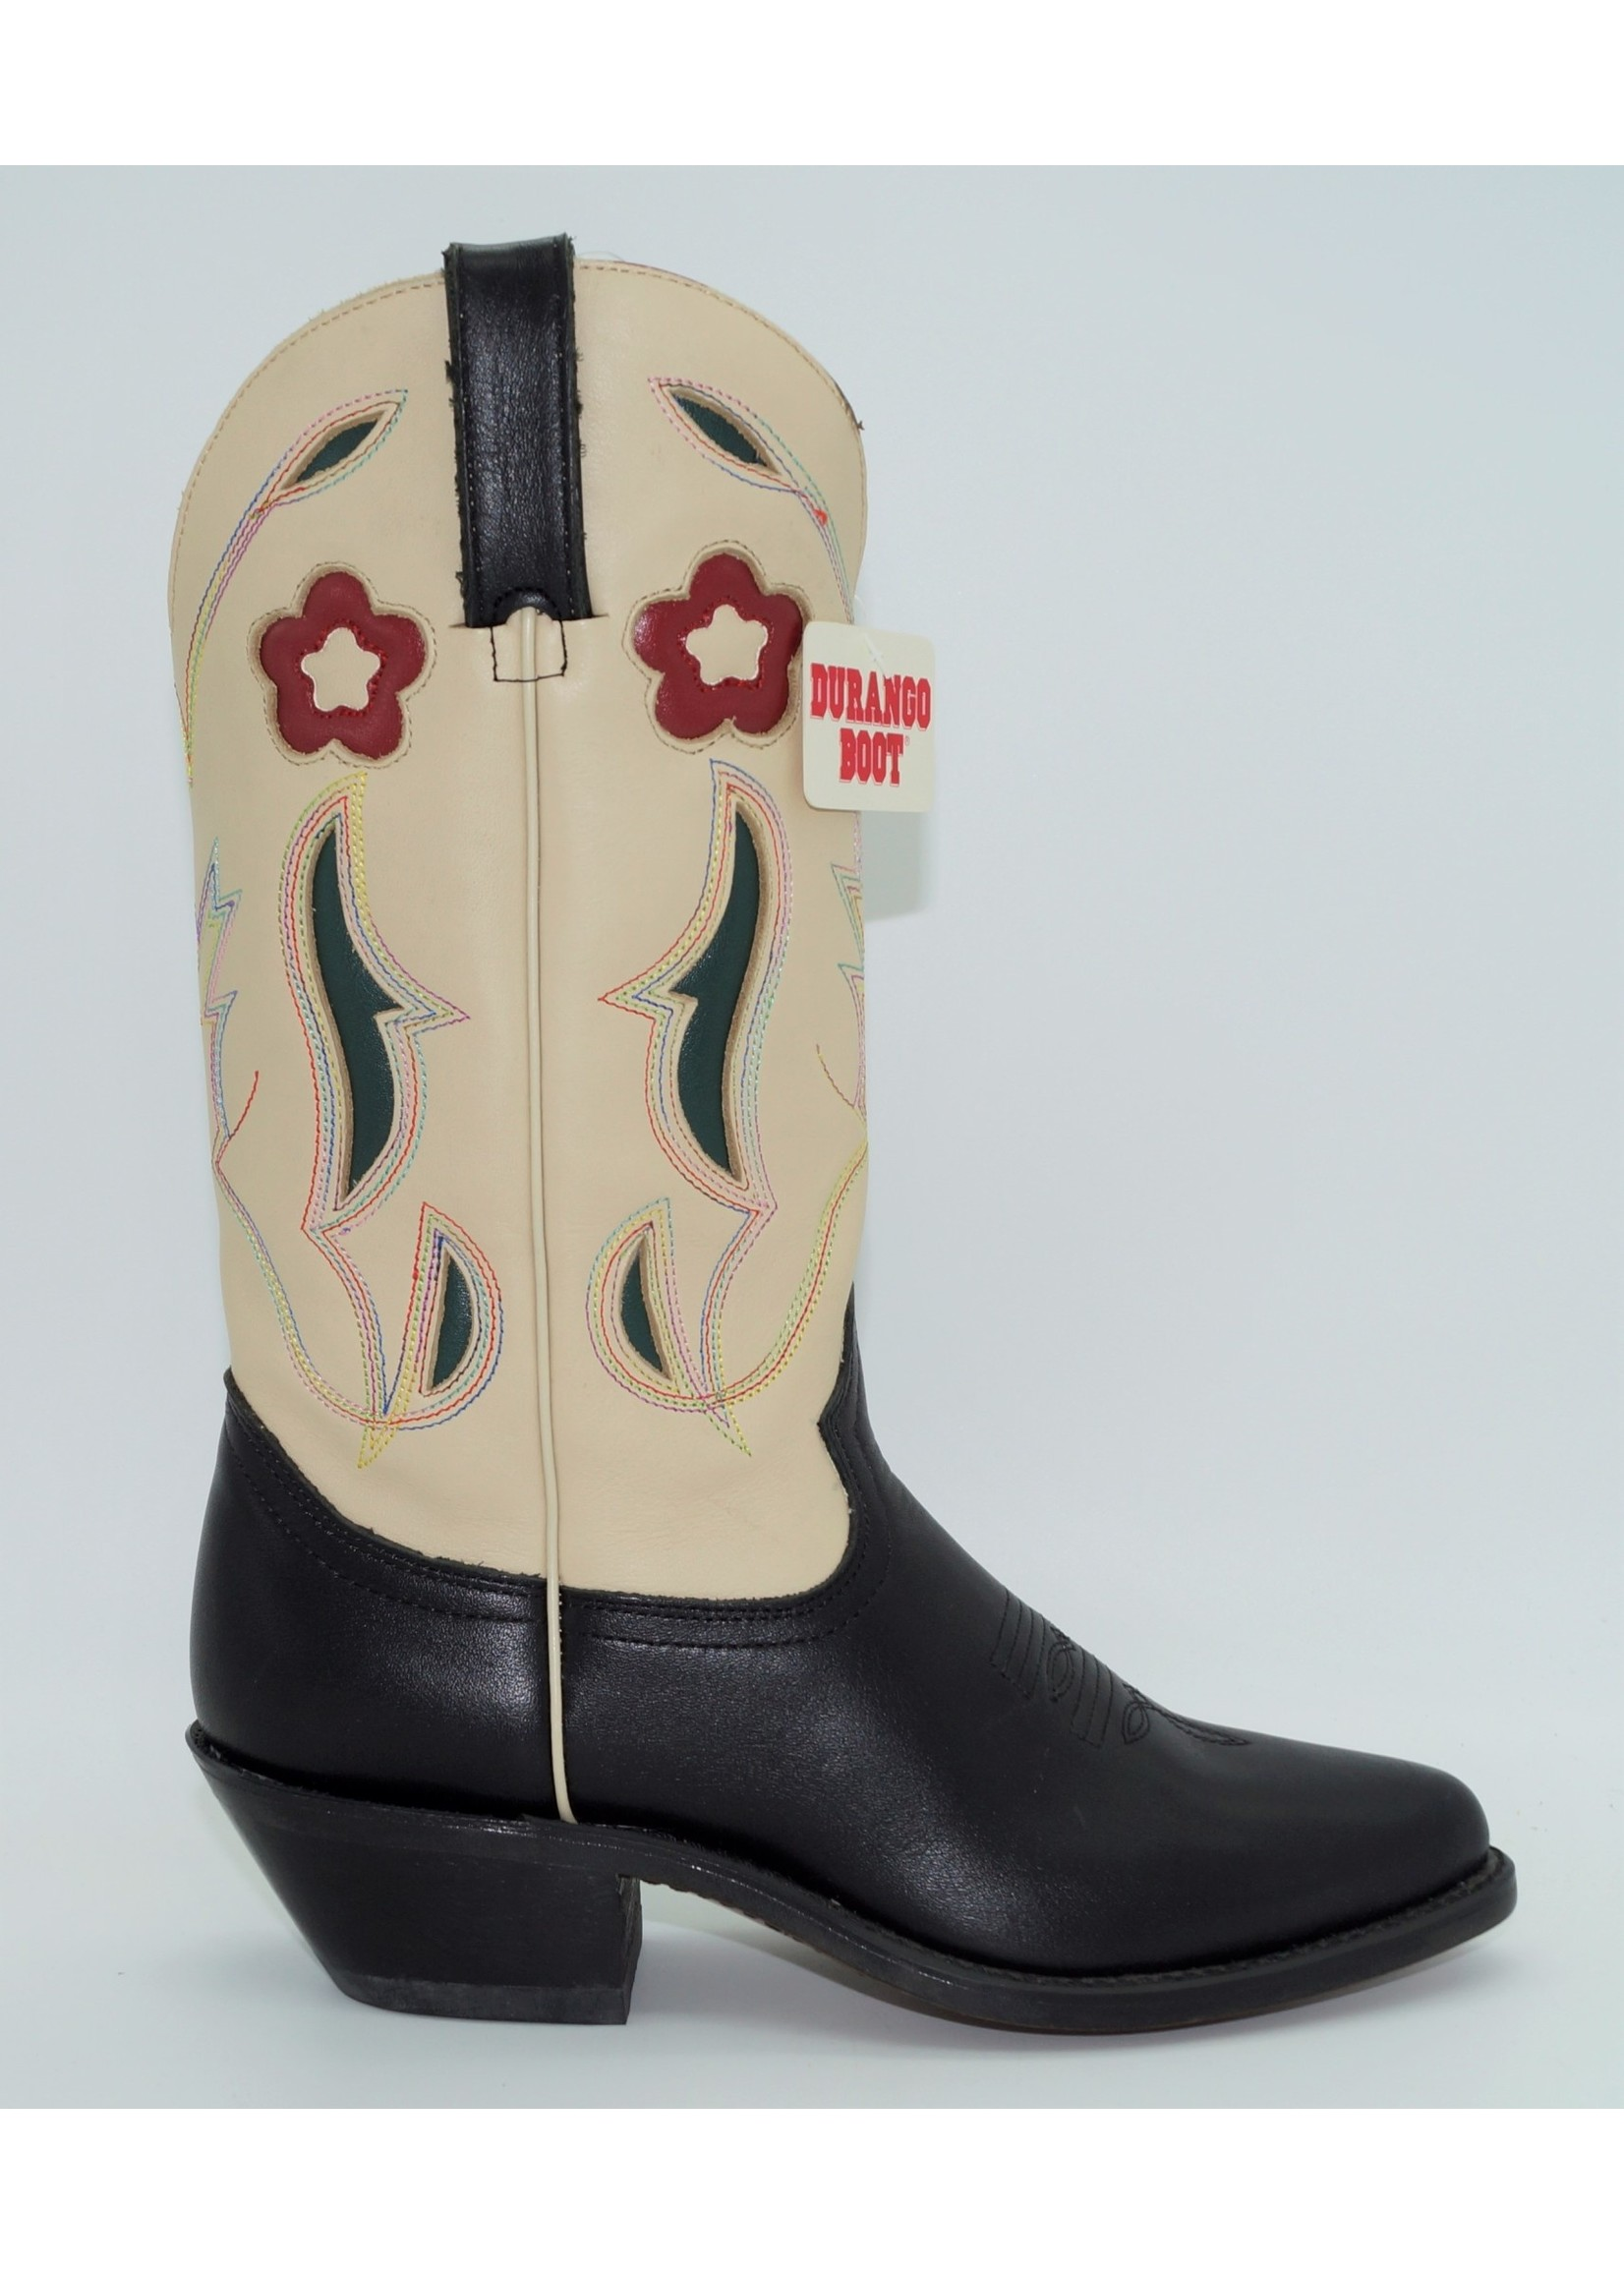 Durango Women's Flower Western Boots RD6008